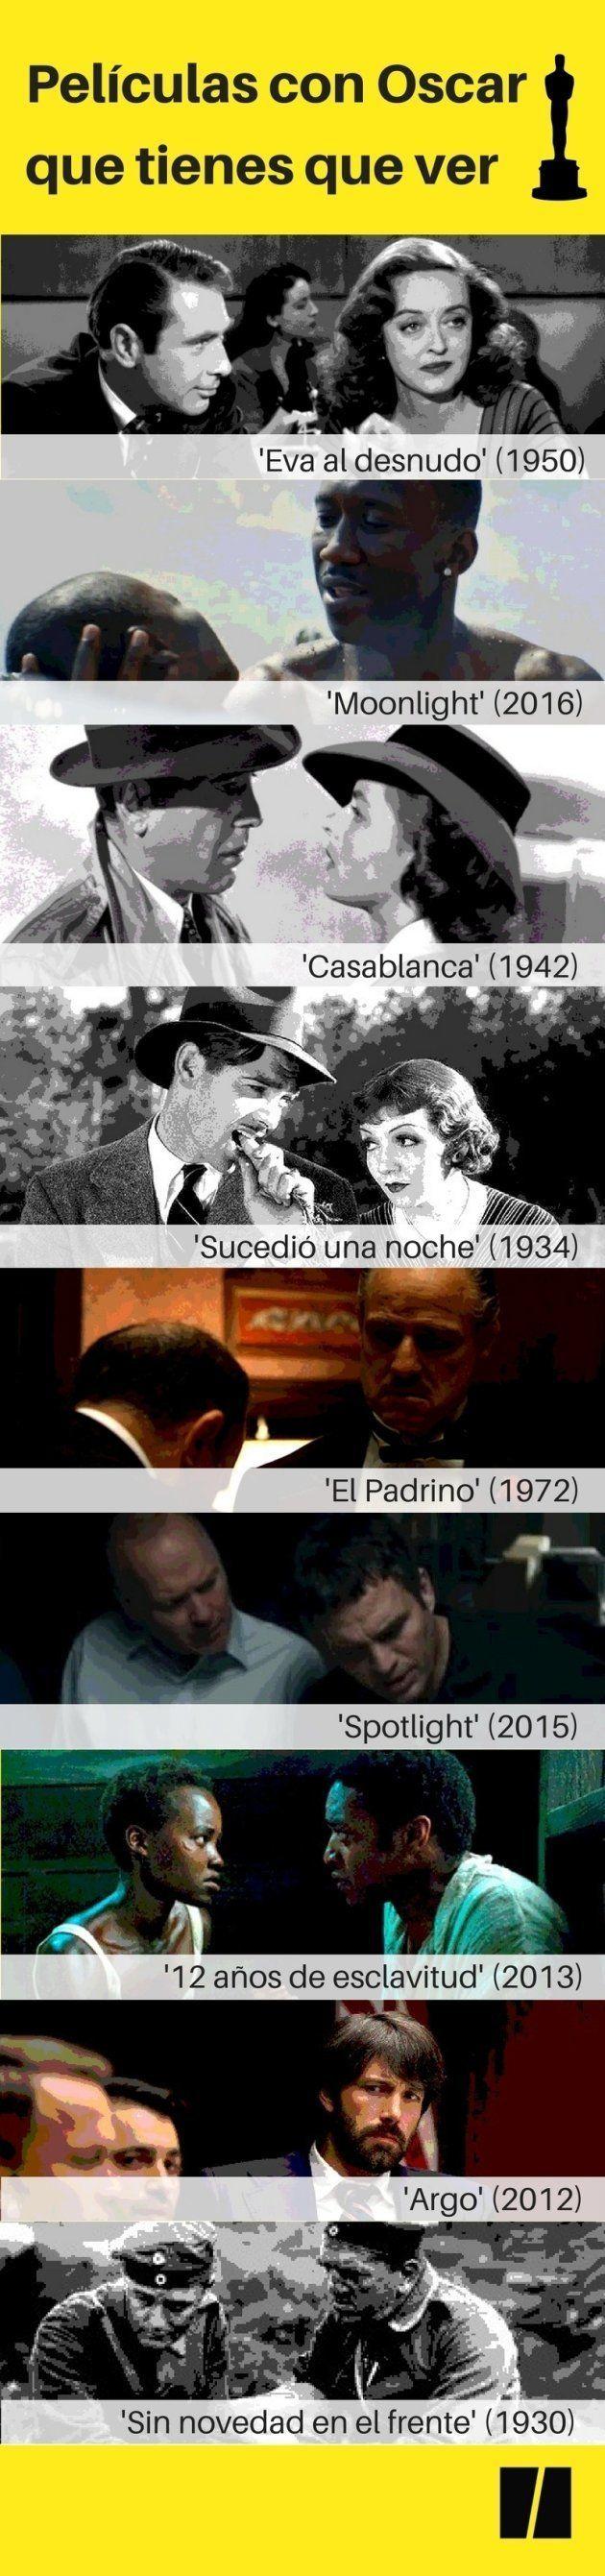 Nueve películas que han ganado el Oscar y que tienes que